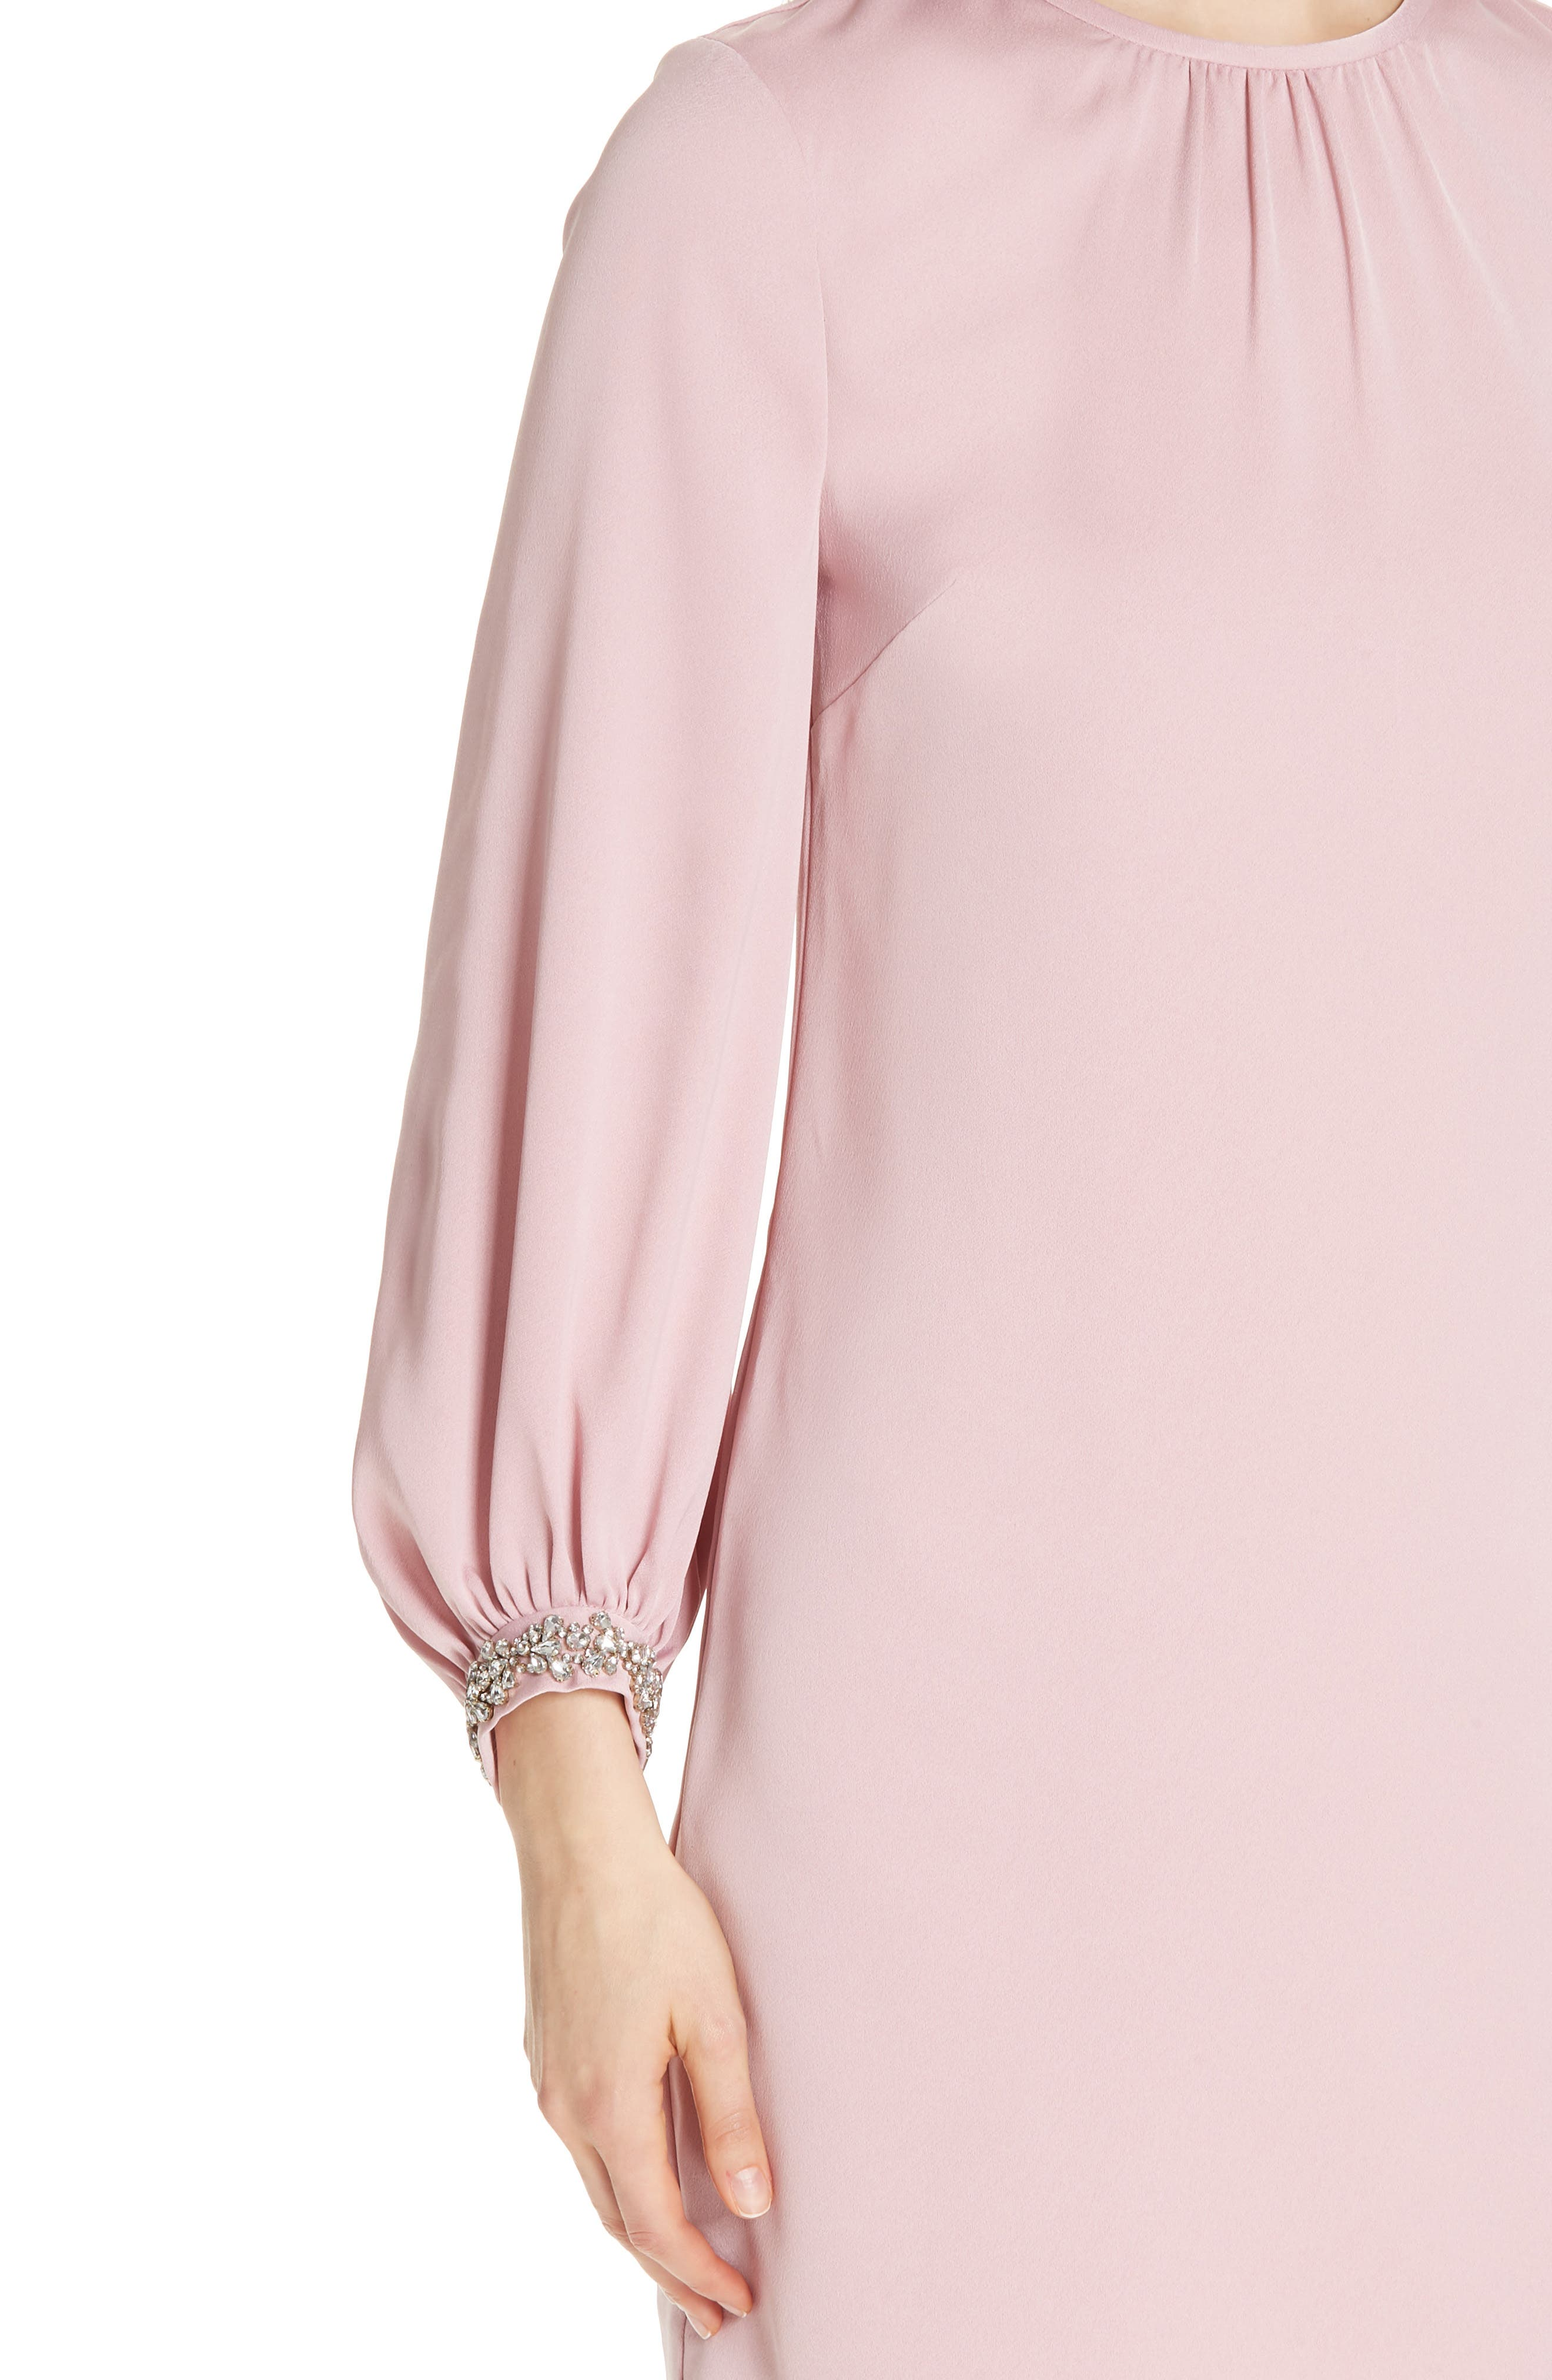 Joele Embellished Cuff Shift Dress,                             Alternate thumbnail 4, color,                             DUSKY PINK